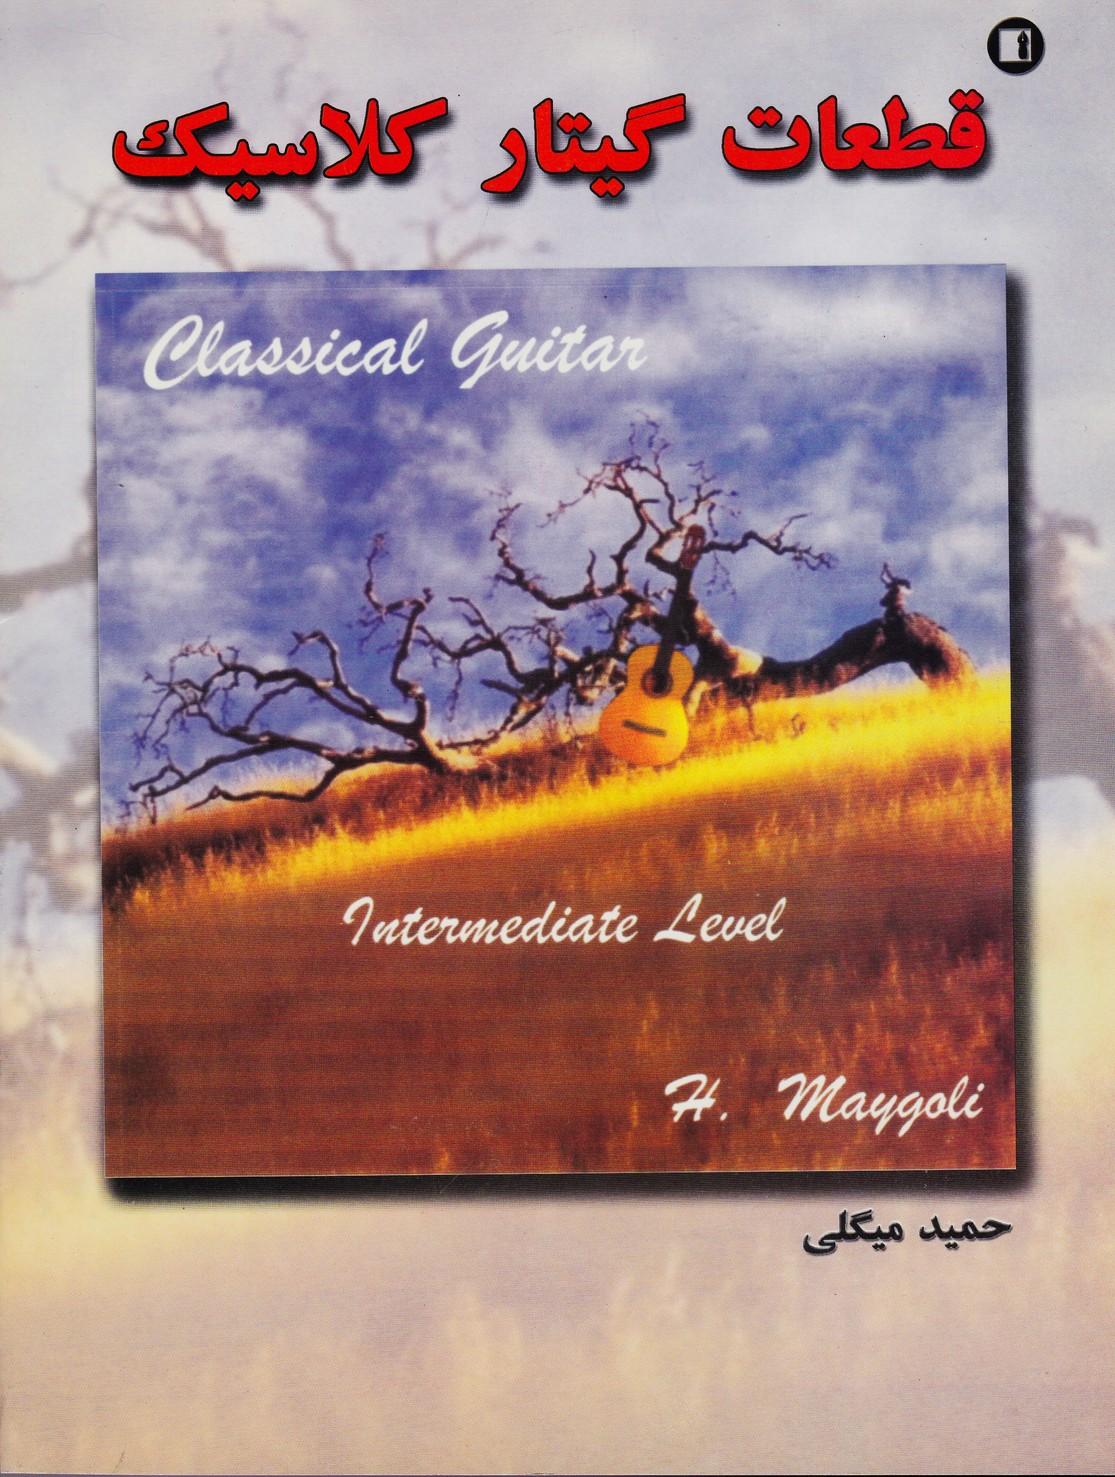 قطعات گیتار کلاسیک : مقدماتی , متوسطه , پیشرفته